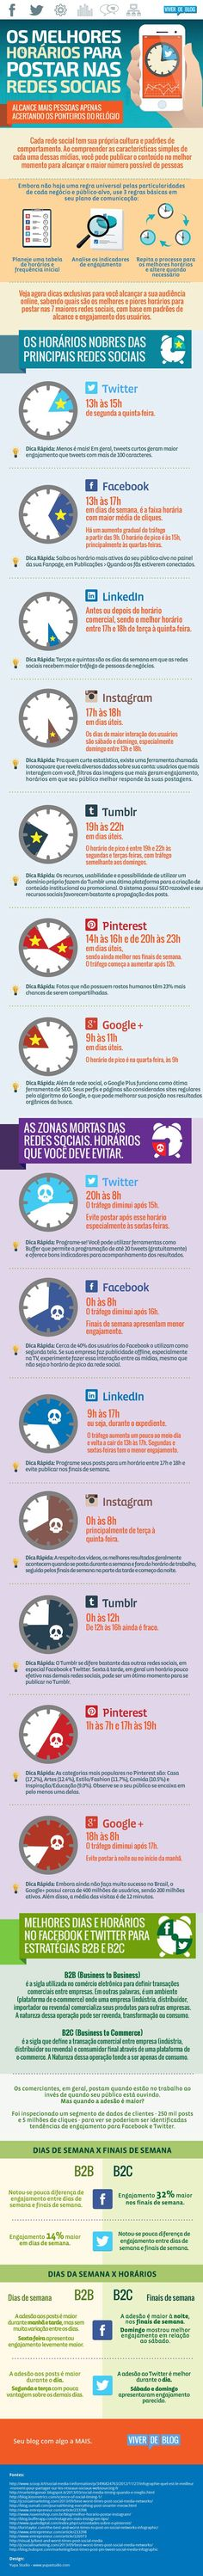 Os melhores horários para postar nas redes sociais (http://www.casareumbarato.com.br/melhores-horarios-para-postar-nas-redes-sociais/)